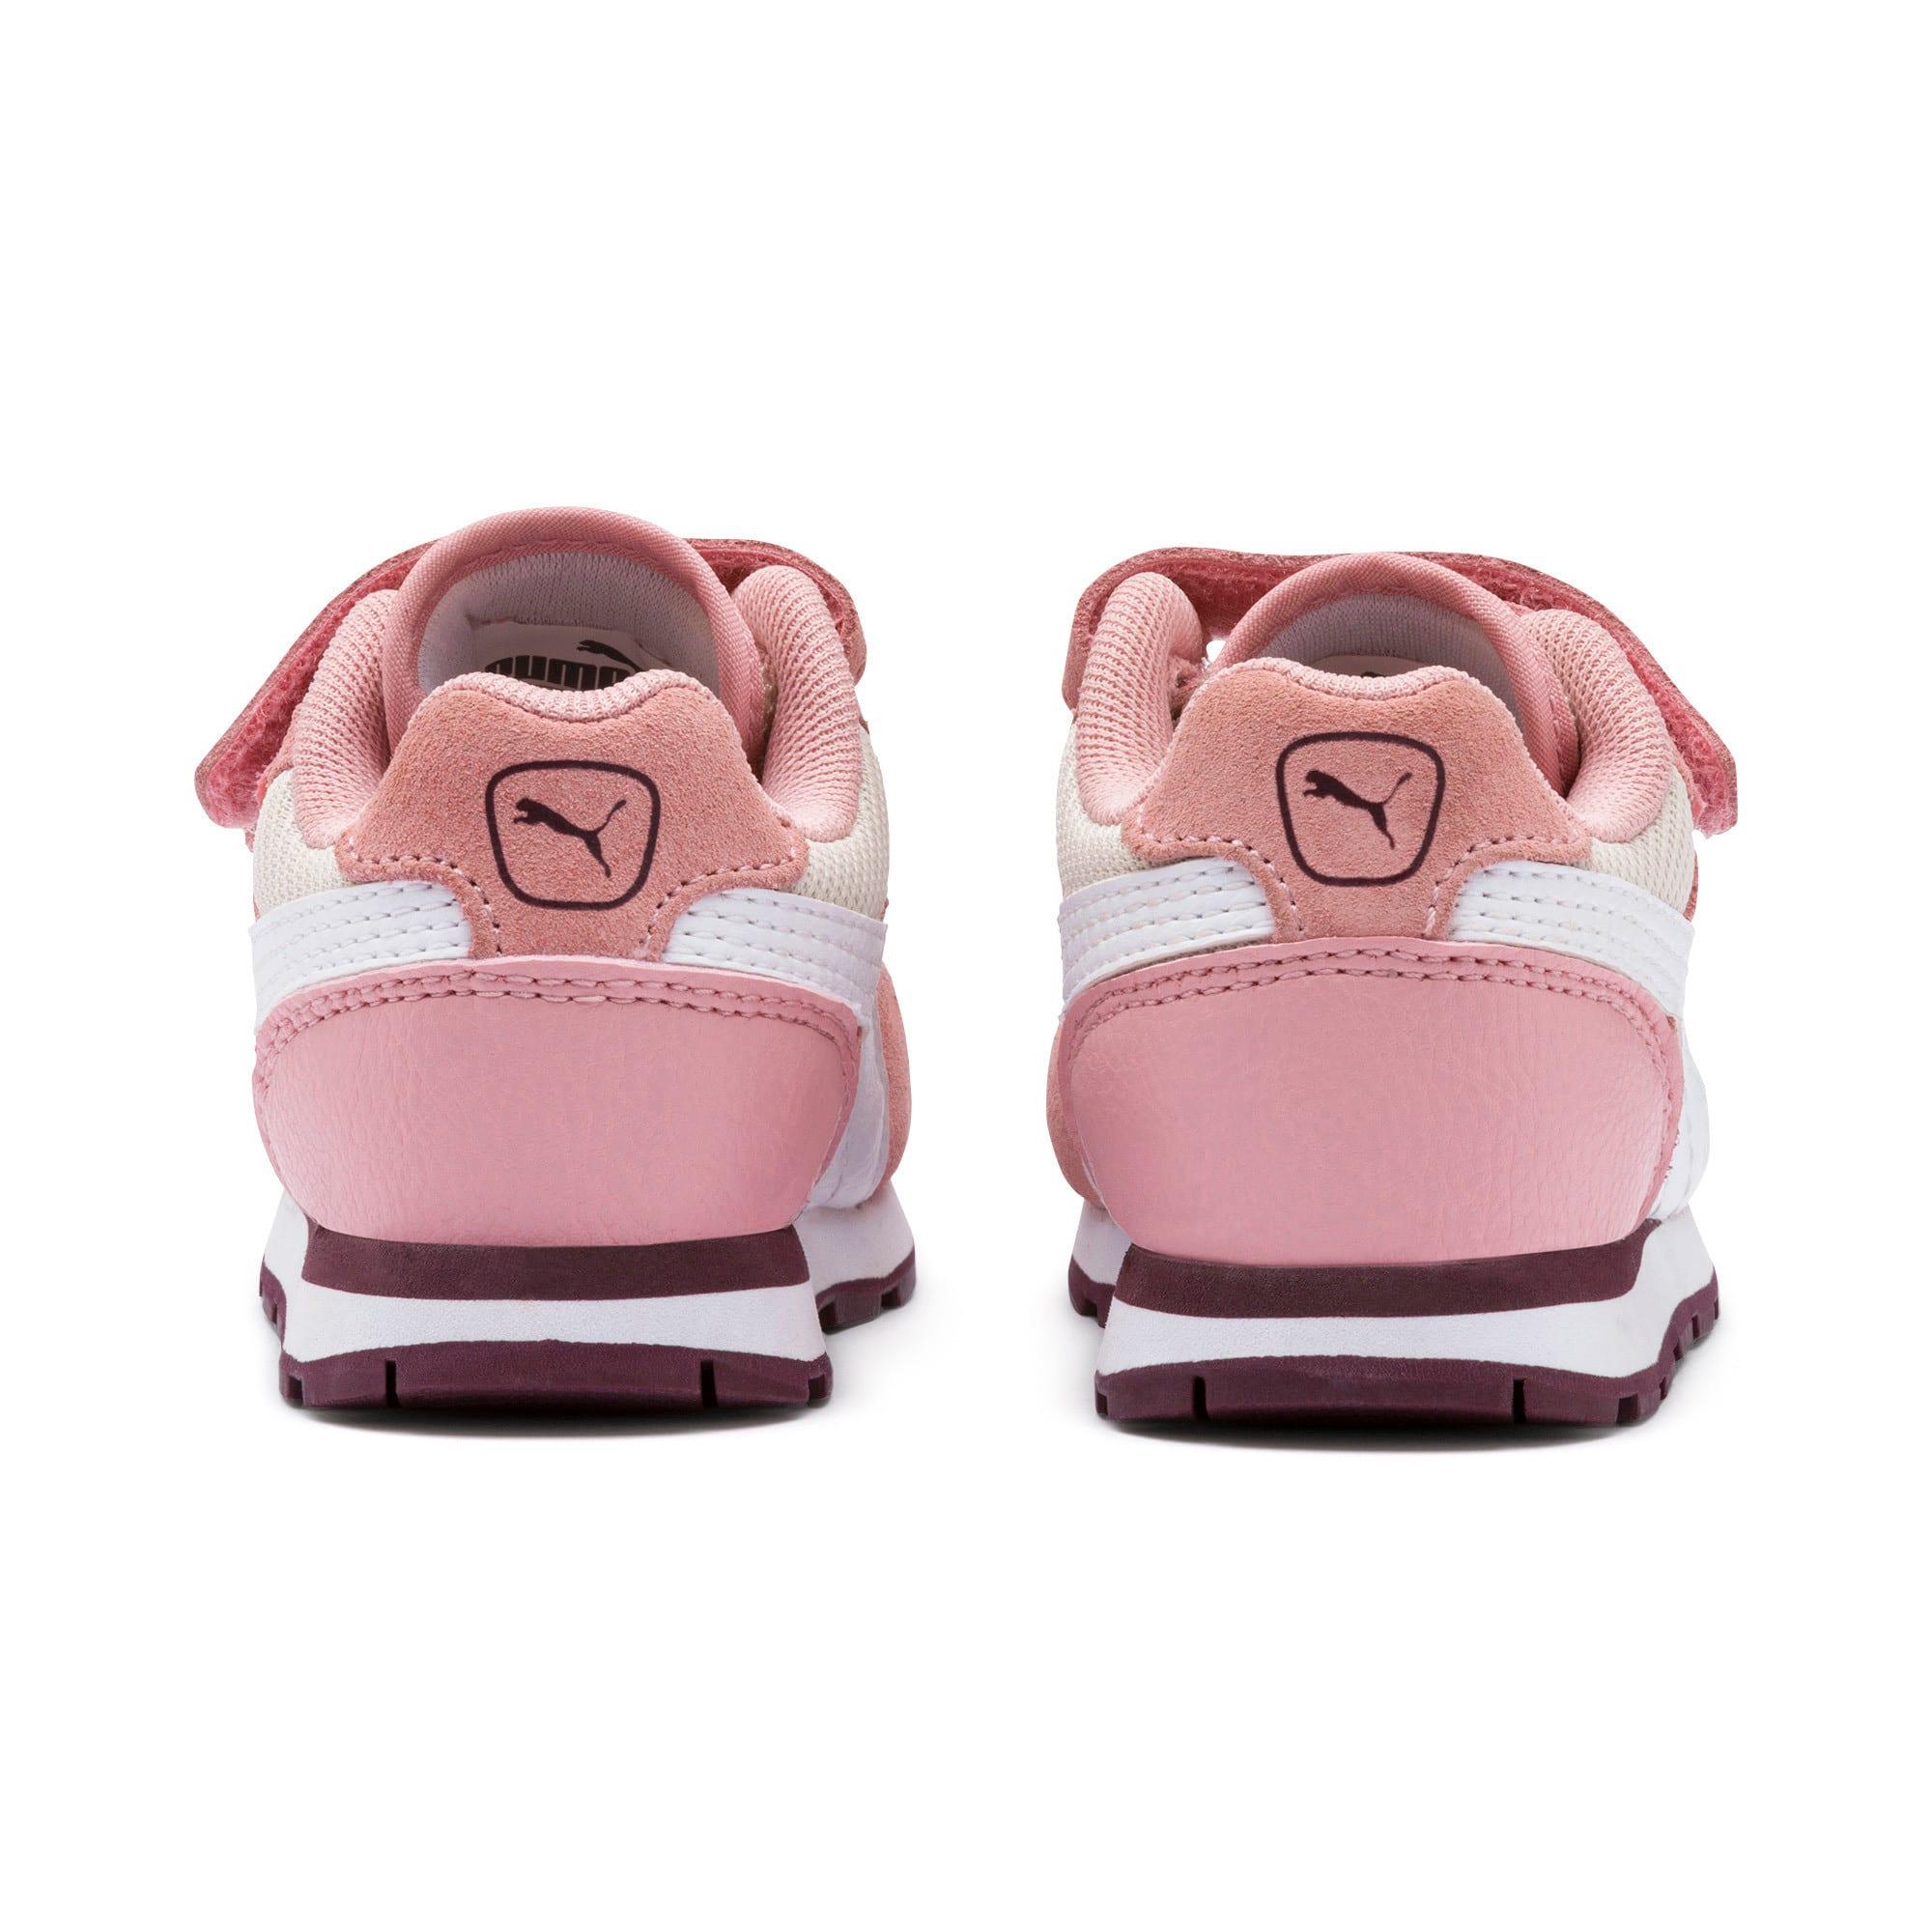 Miniatura 3 de Zapatos Vista para bebé, Bridal Rose-Puma White, mediano